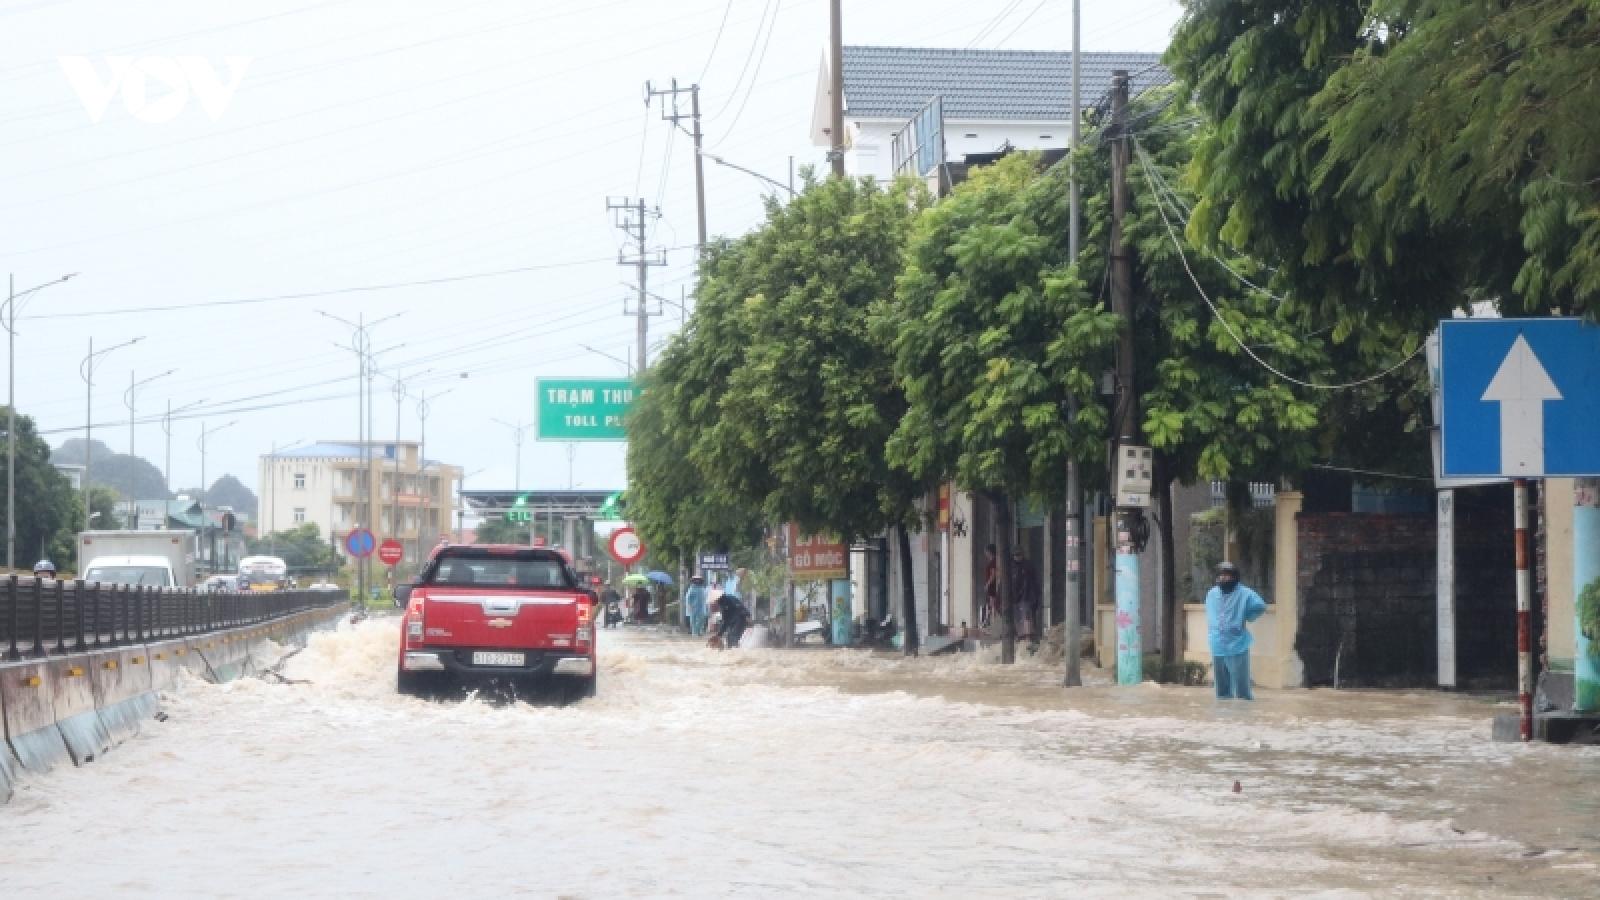 Sau trận mưa lớn, Quảng Ninh nhiều điểm ngập lụt cục bộ